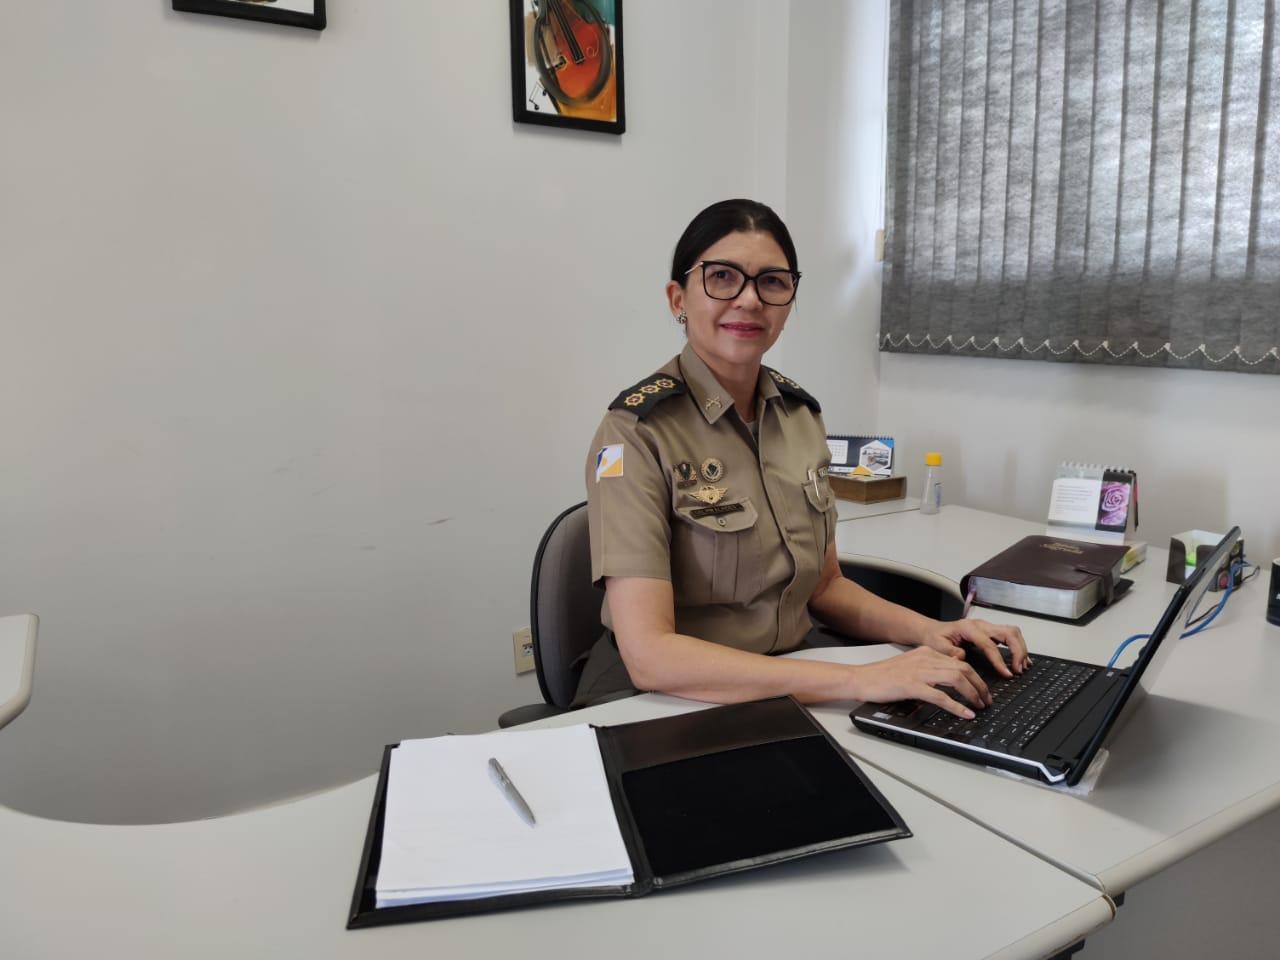 Polícia Militar tem primeira mulher a assumir função de alto comando na instituição